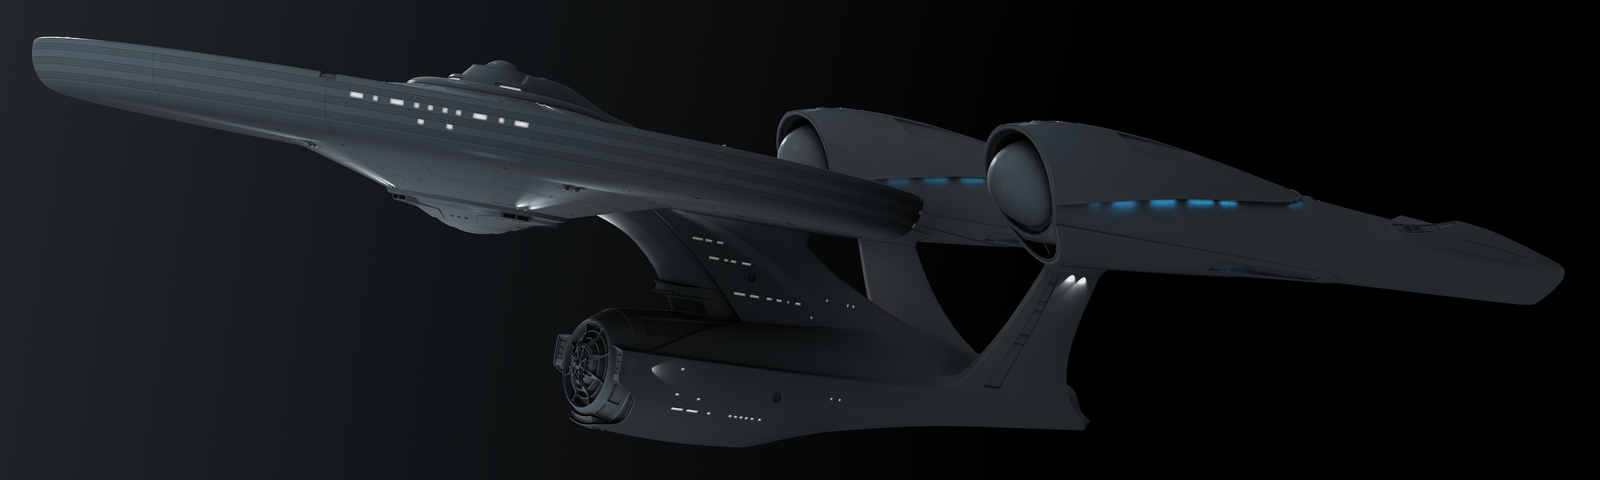 Enterprise 5